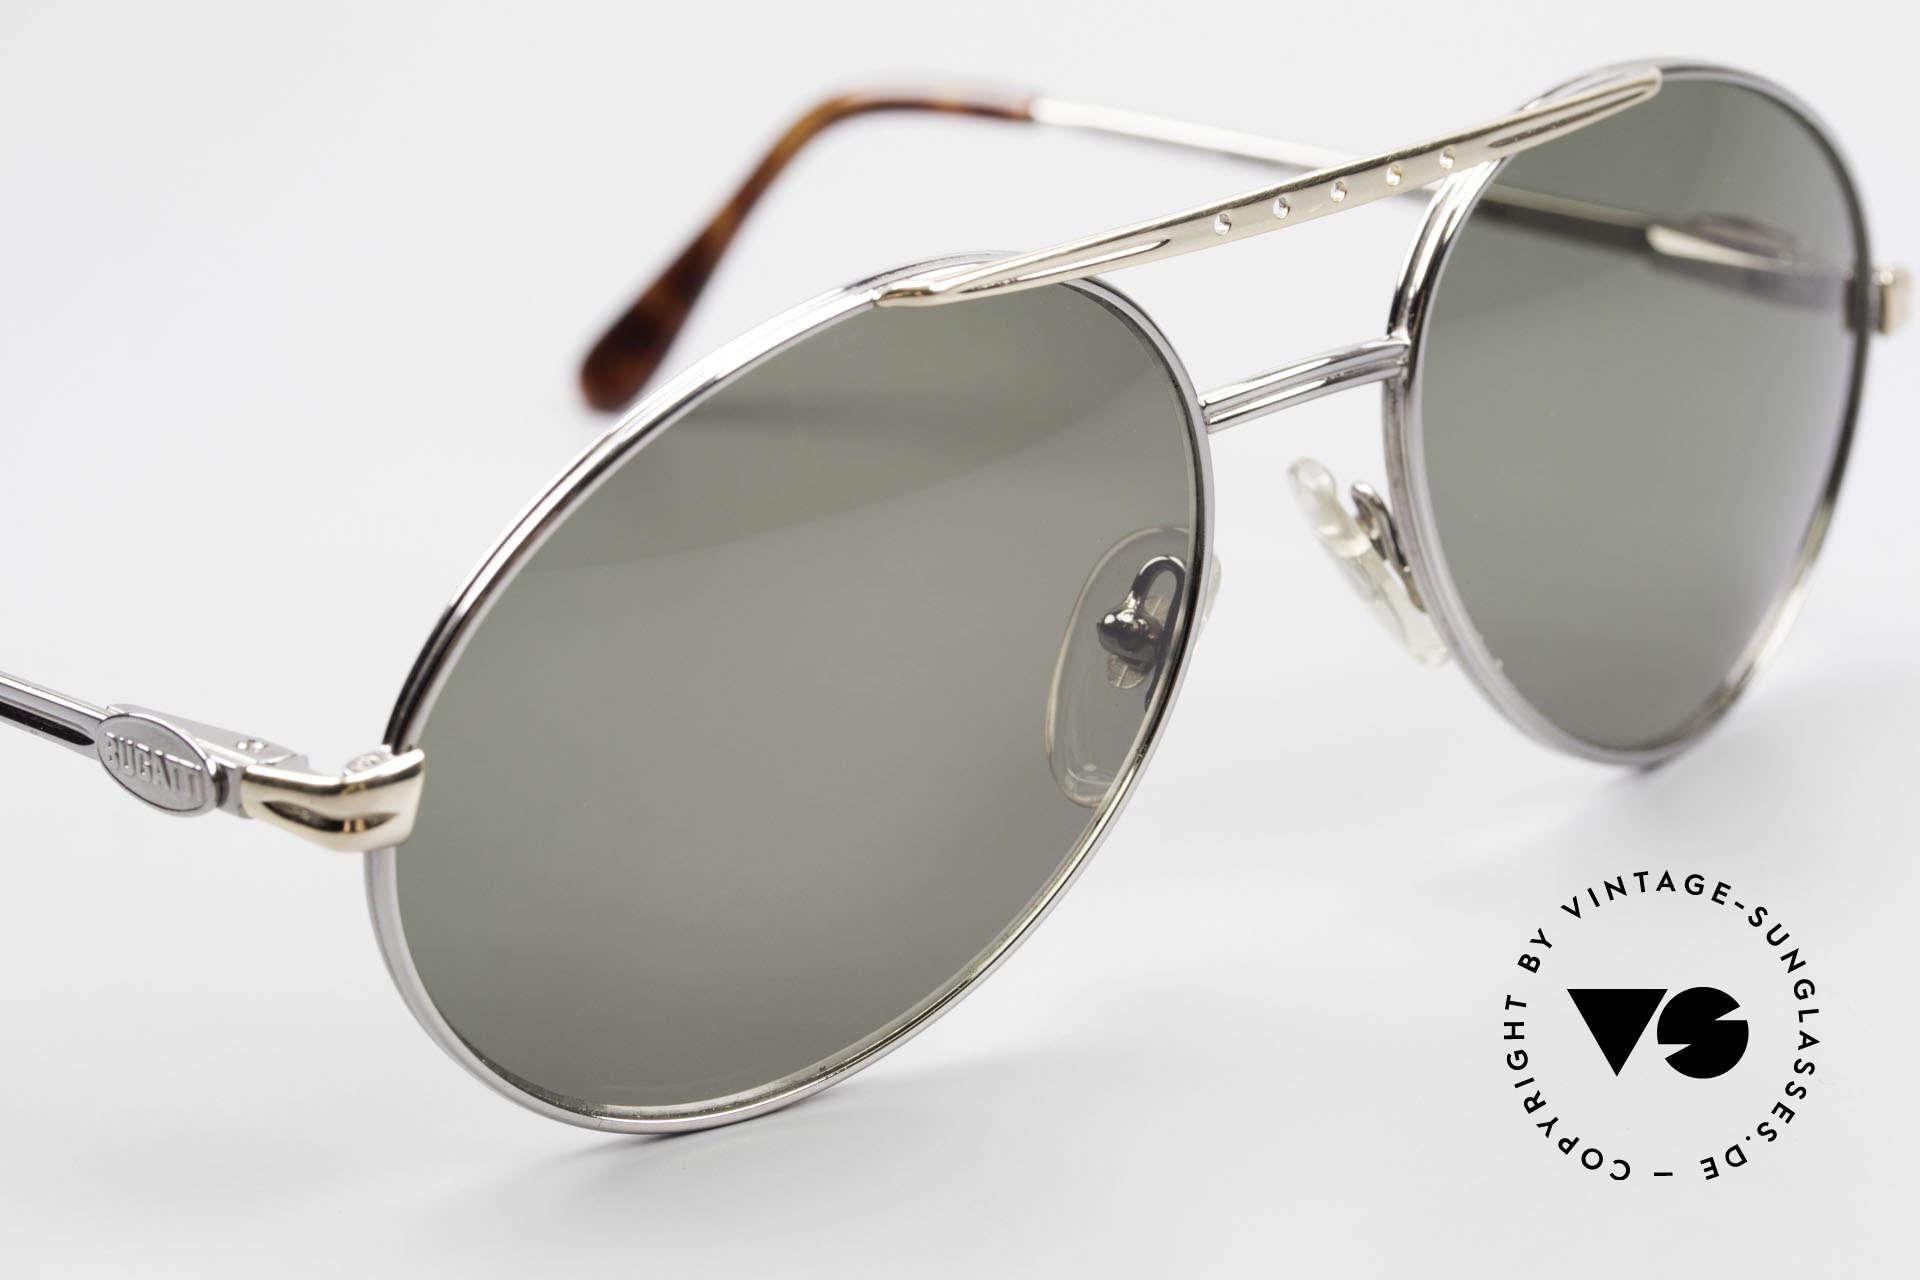 Bugatti 02926 80er Large Sonnenbrille Herren, ungetragen inkl. Etui (wie alle unsere Bugatti Brillen), Passend für Herren